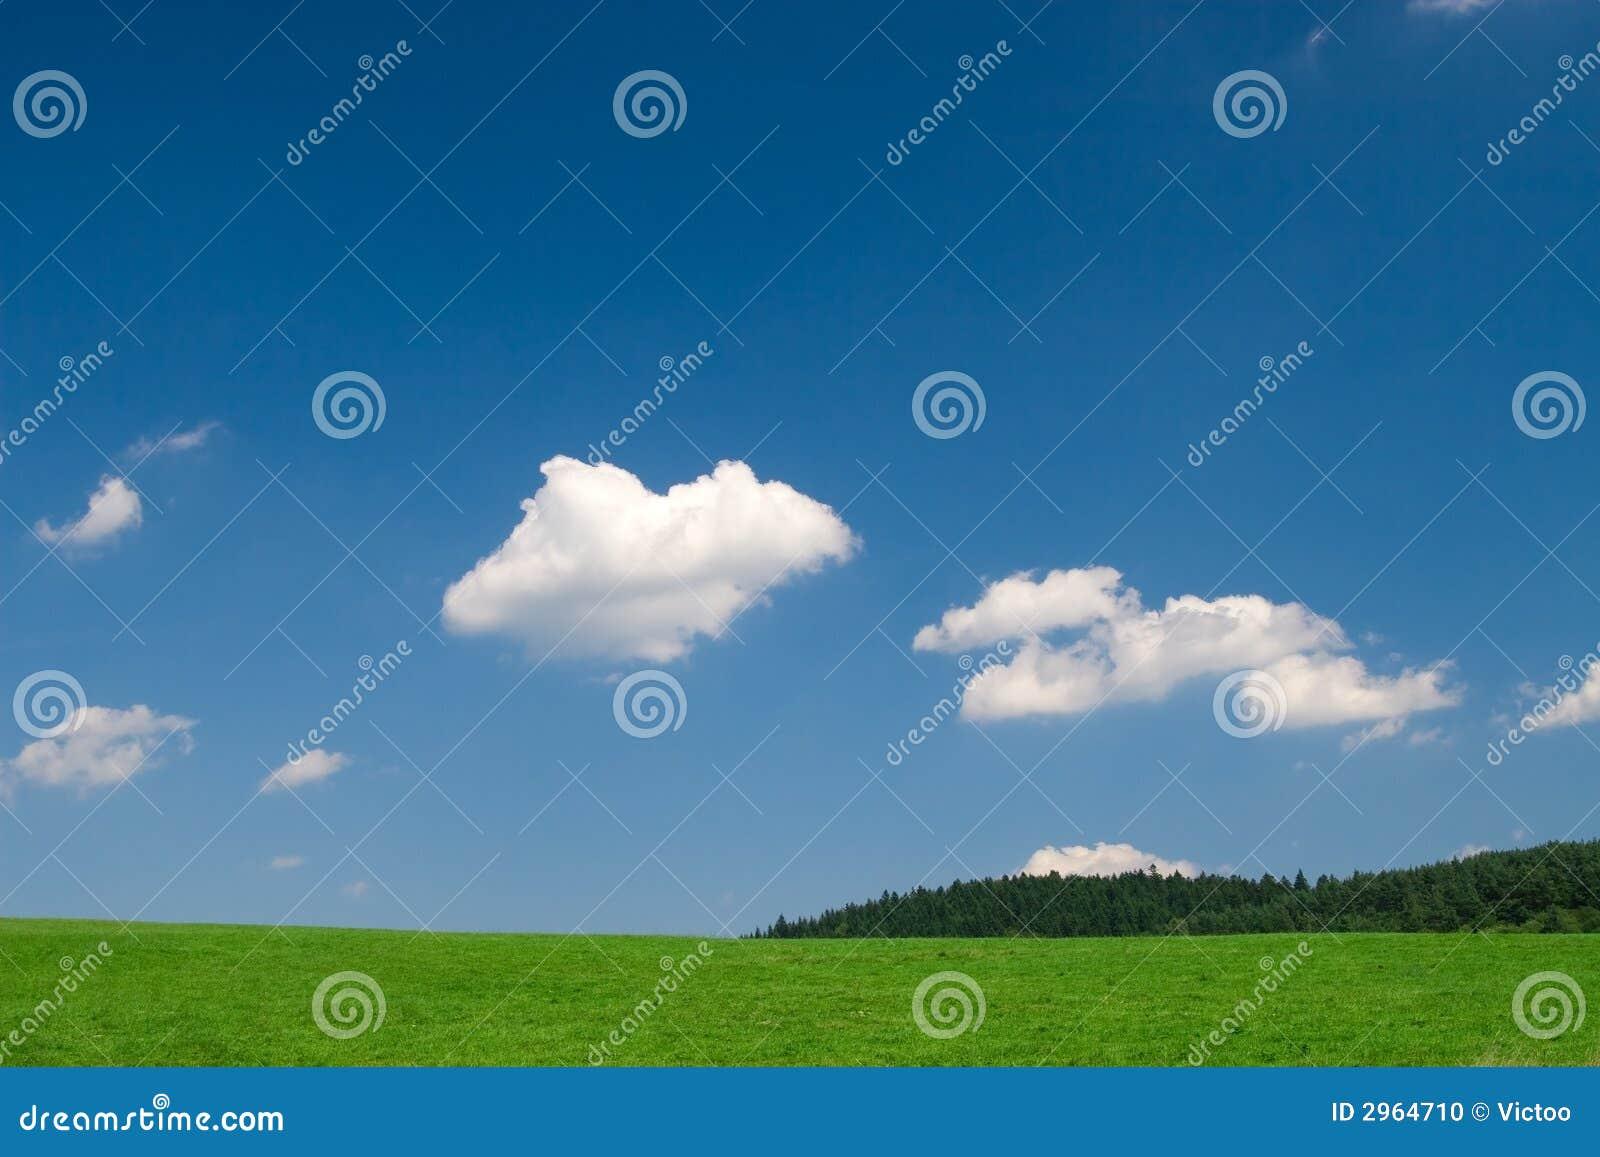 Prato verde con cielo blu fotografia stock immagine 2964710 for Prato verde